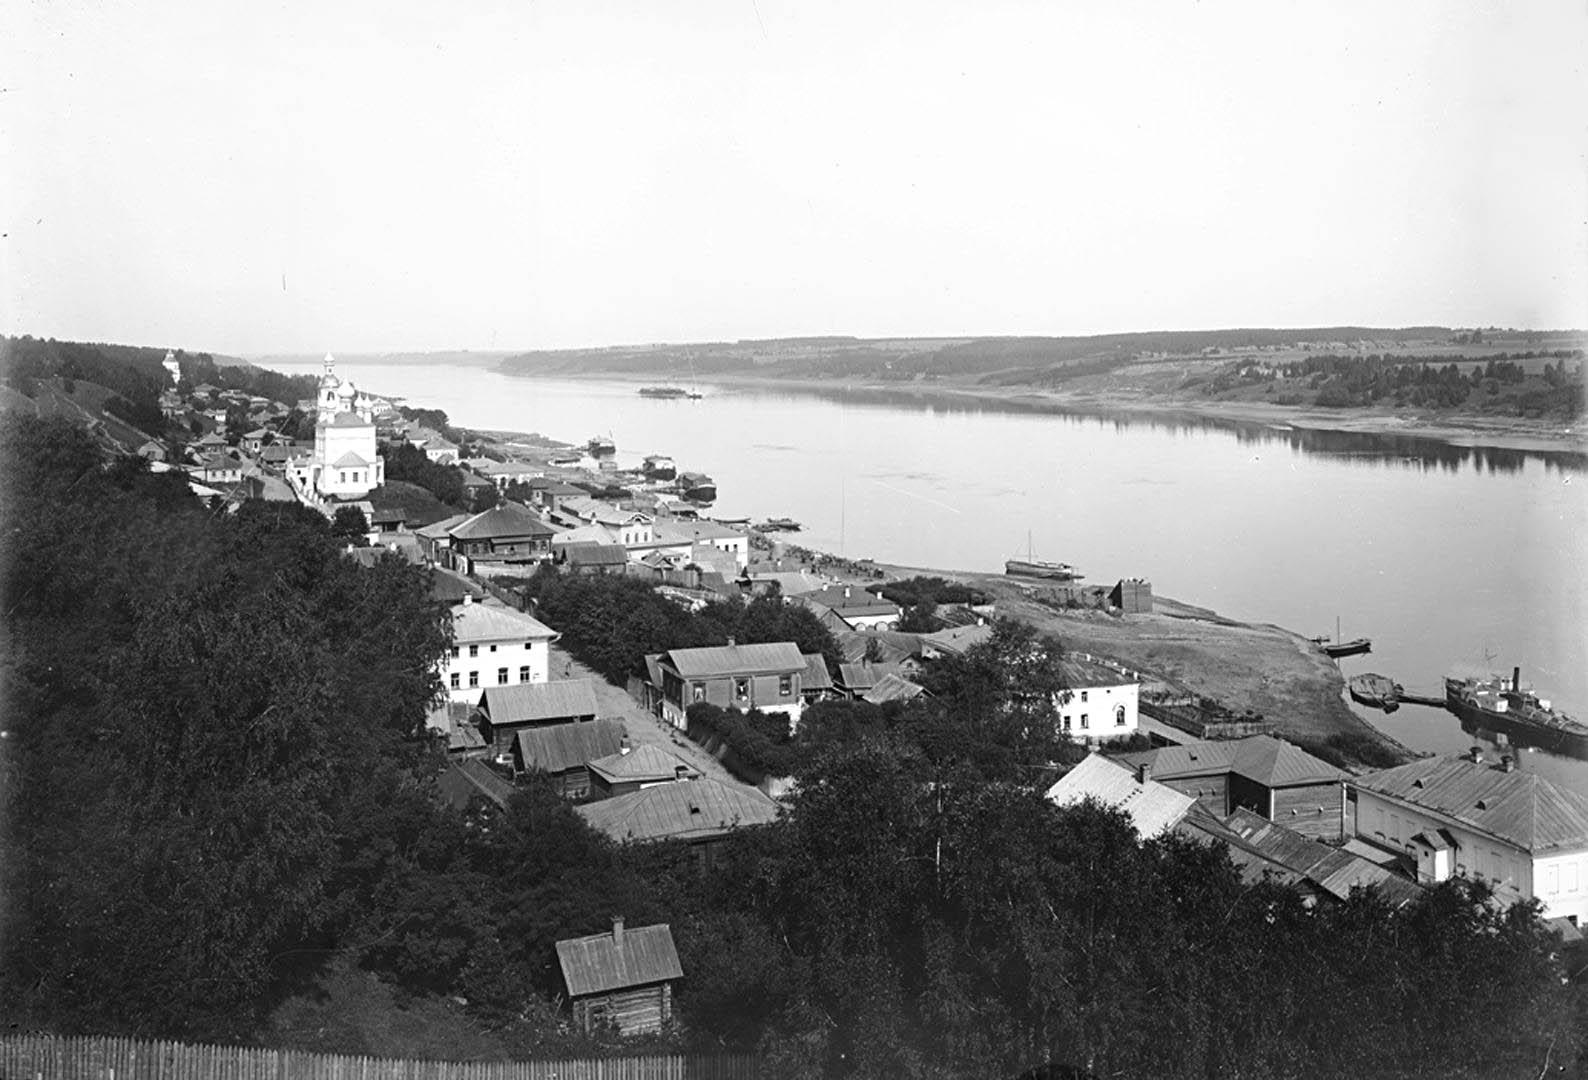 Общий вид города Плёса и реки Волги